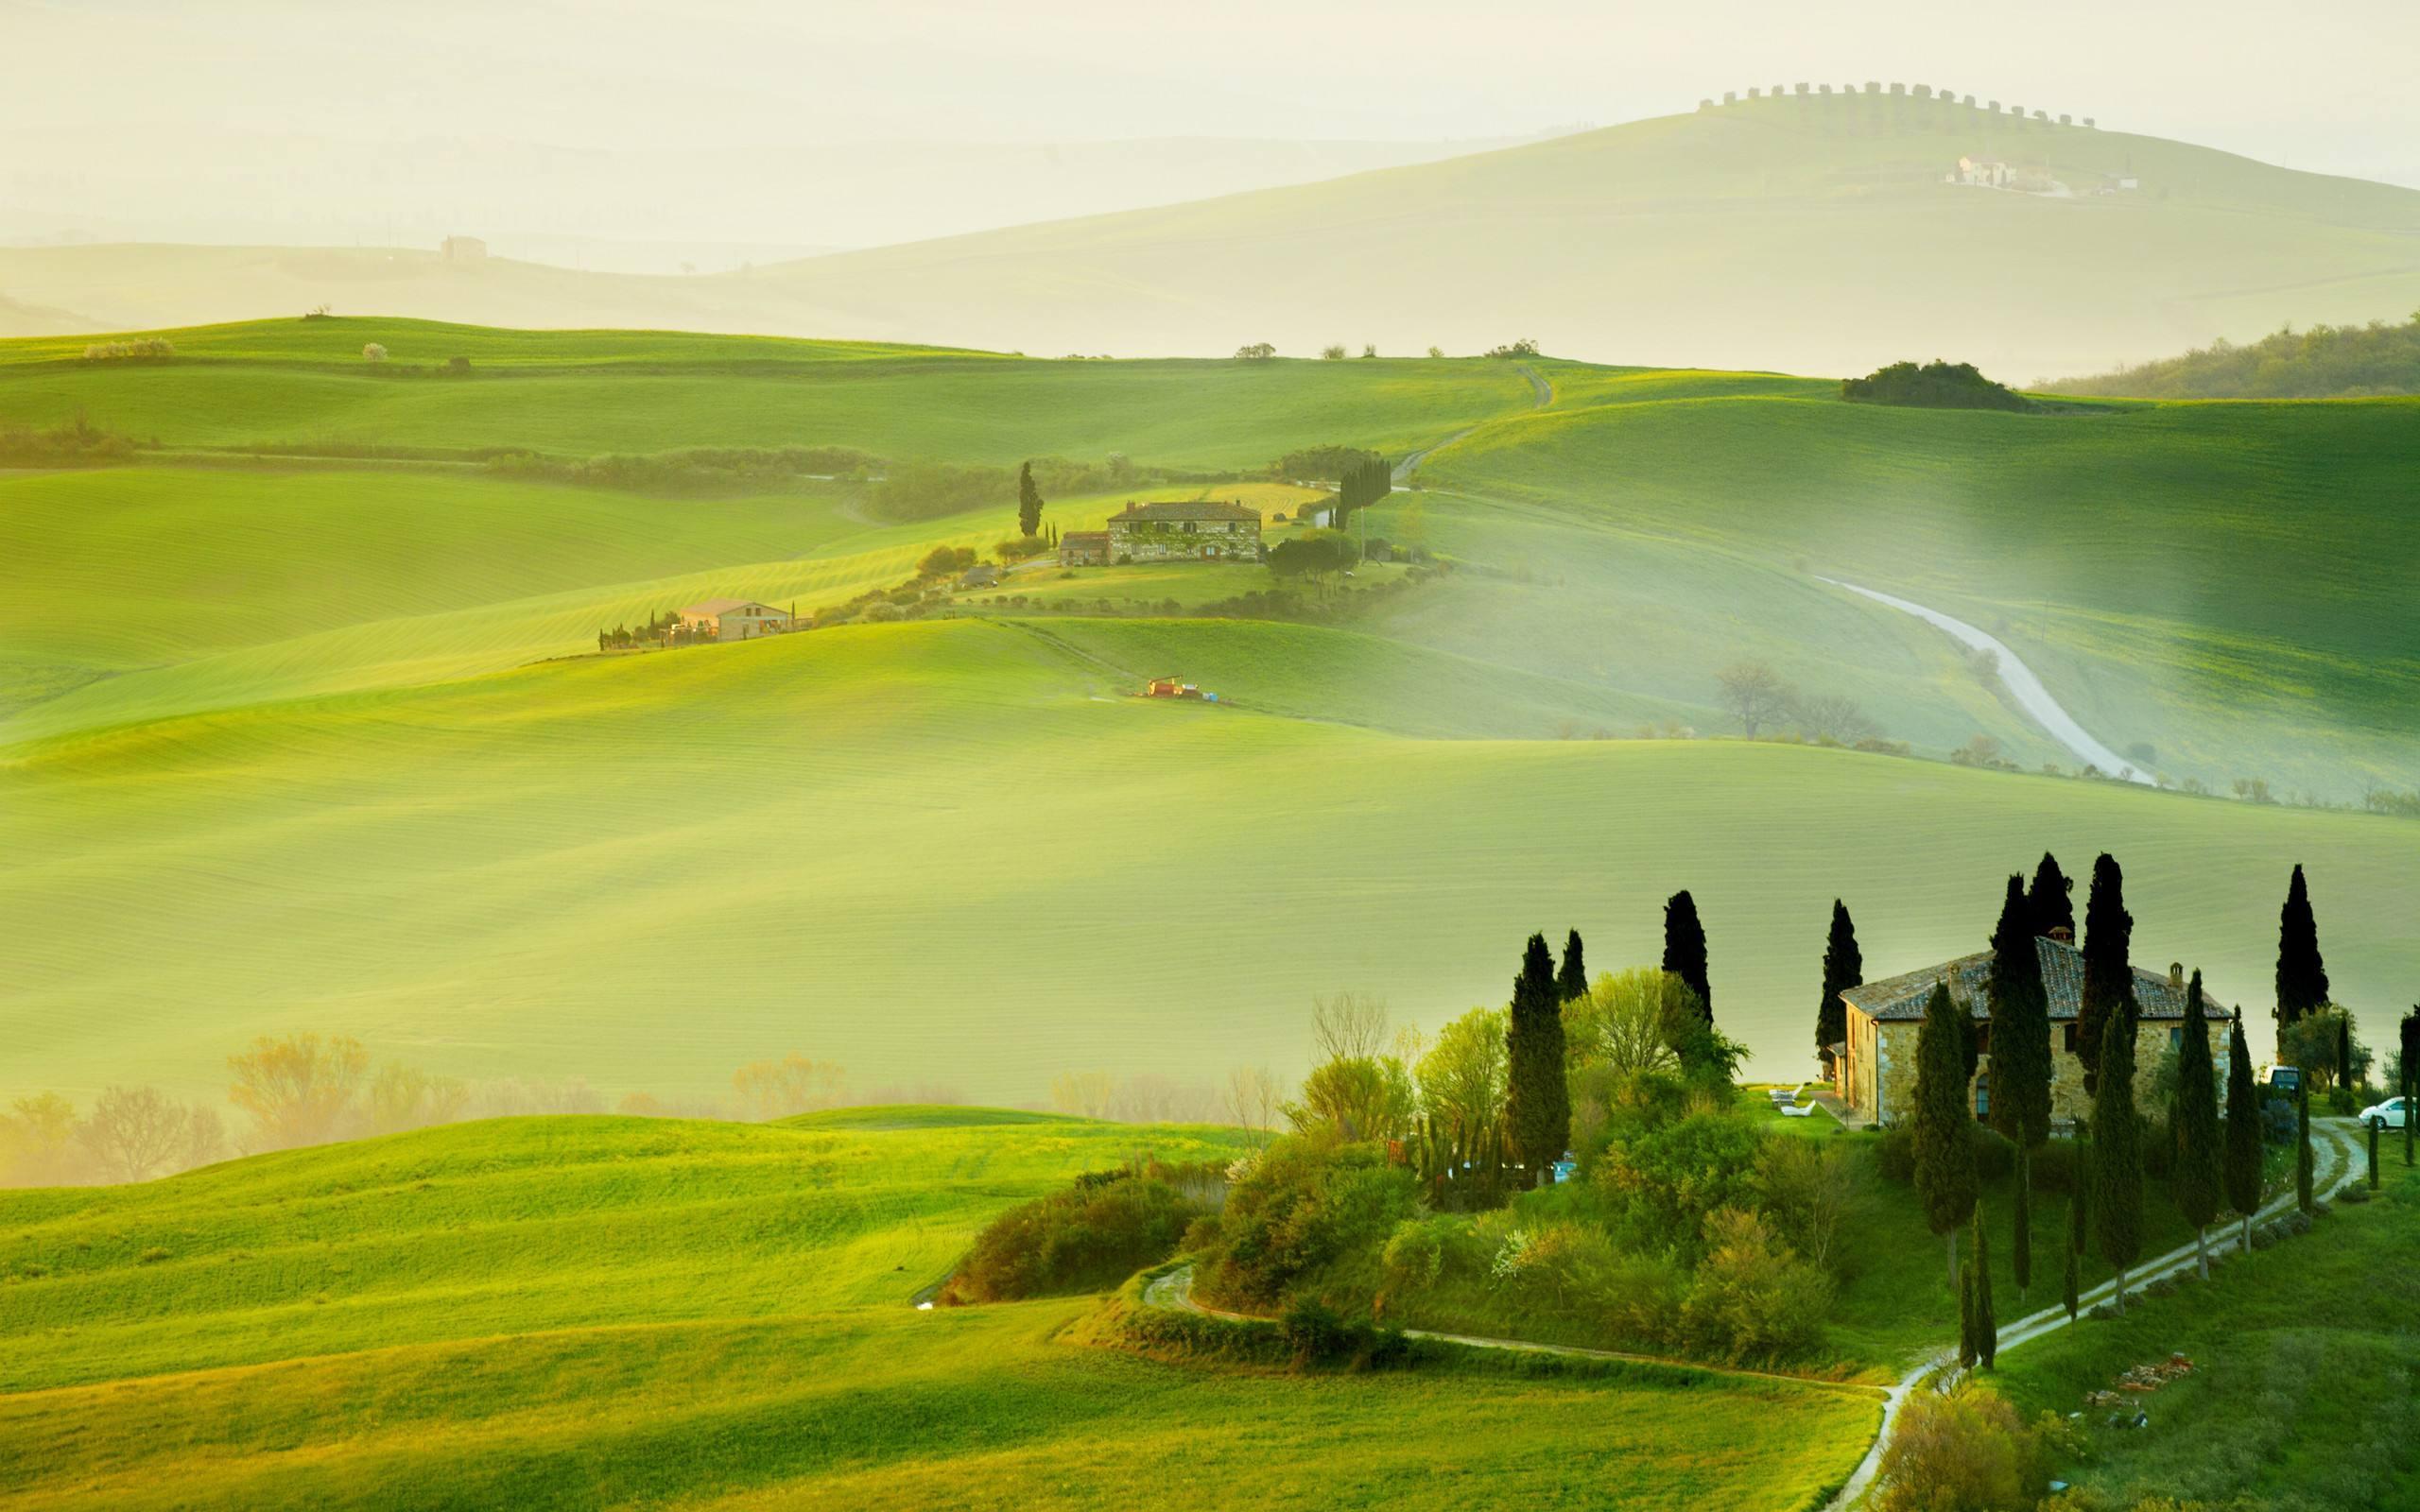 宋代诗人一首诗写田园风光,牧歌般的意境让我们心生向往